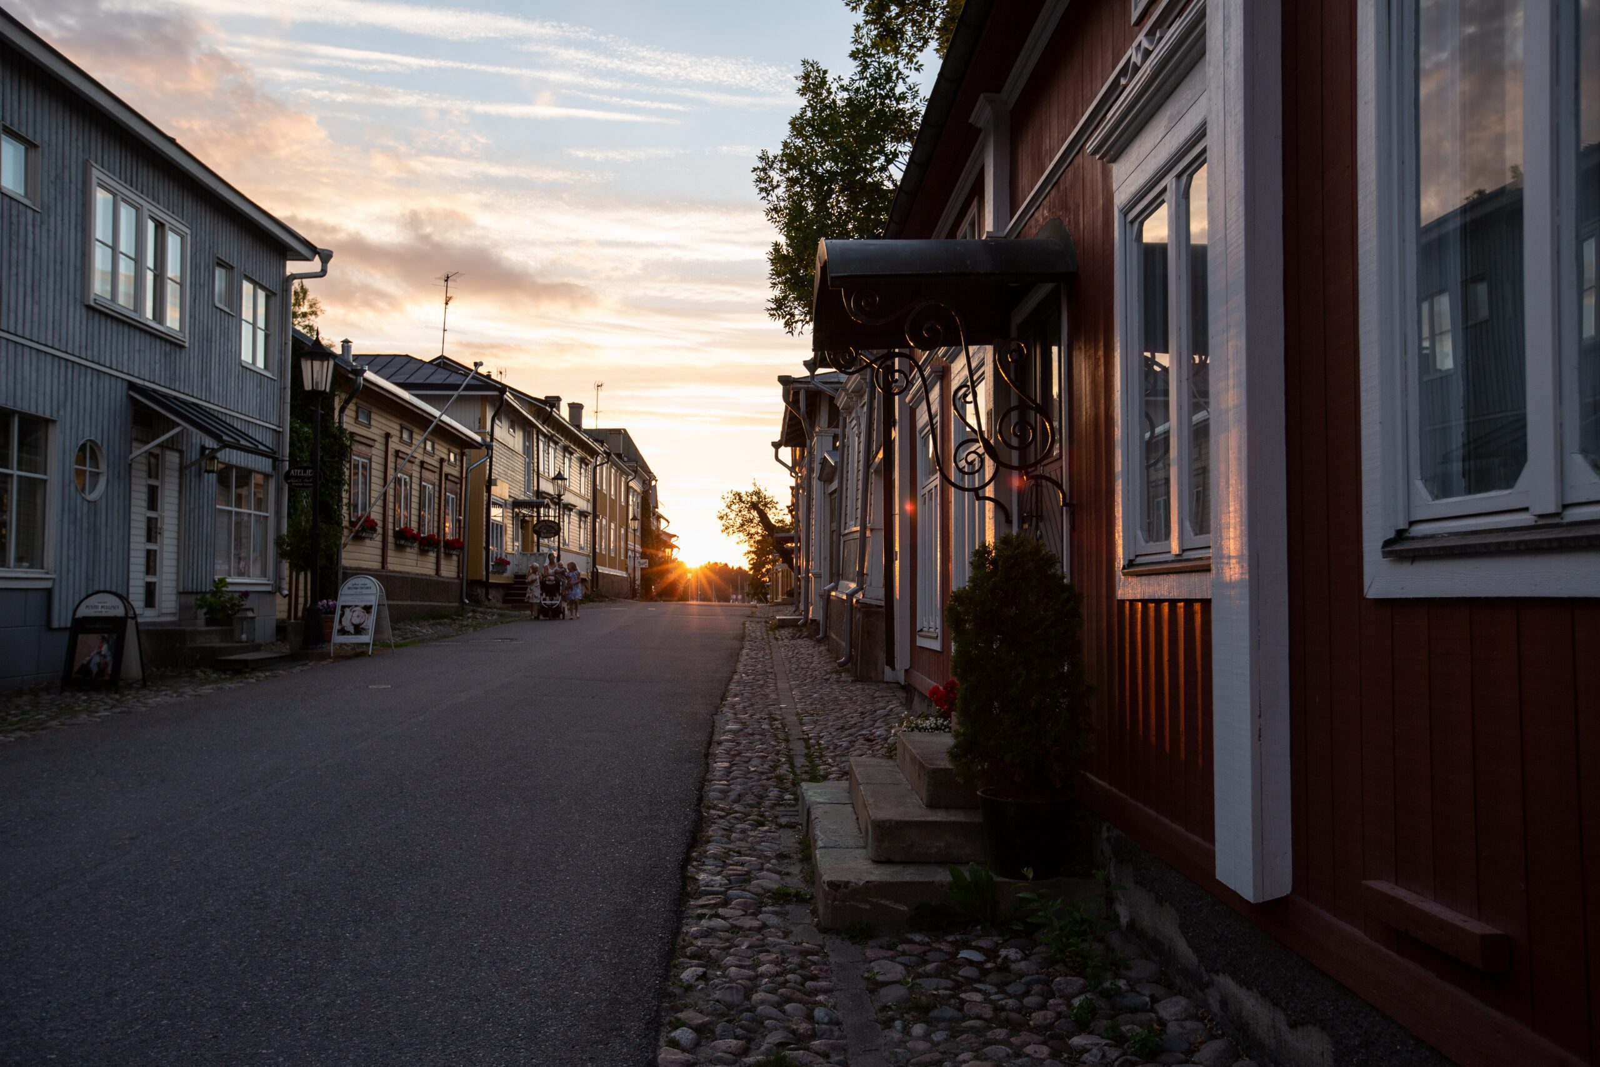 Naantalin vanhan kaupungin katu auringonlaskun aikaan